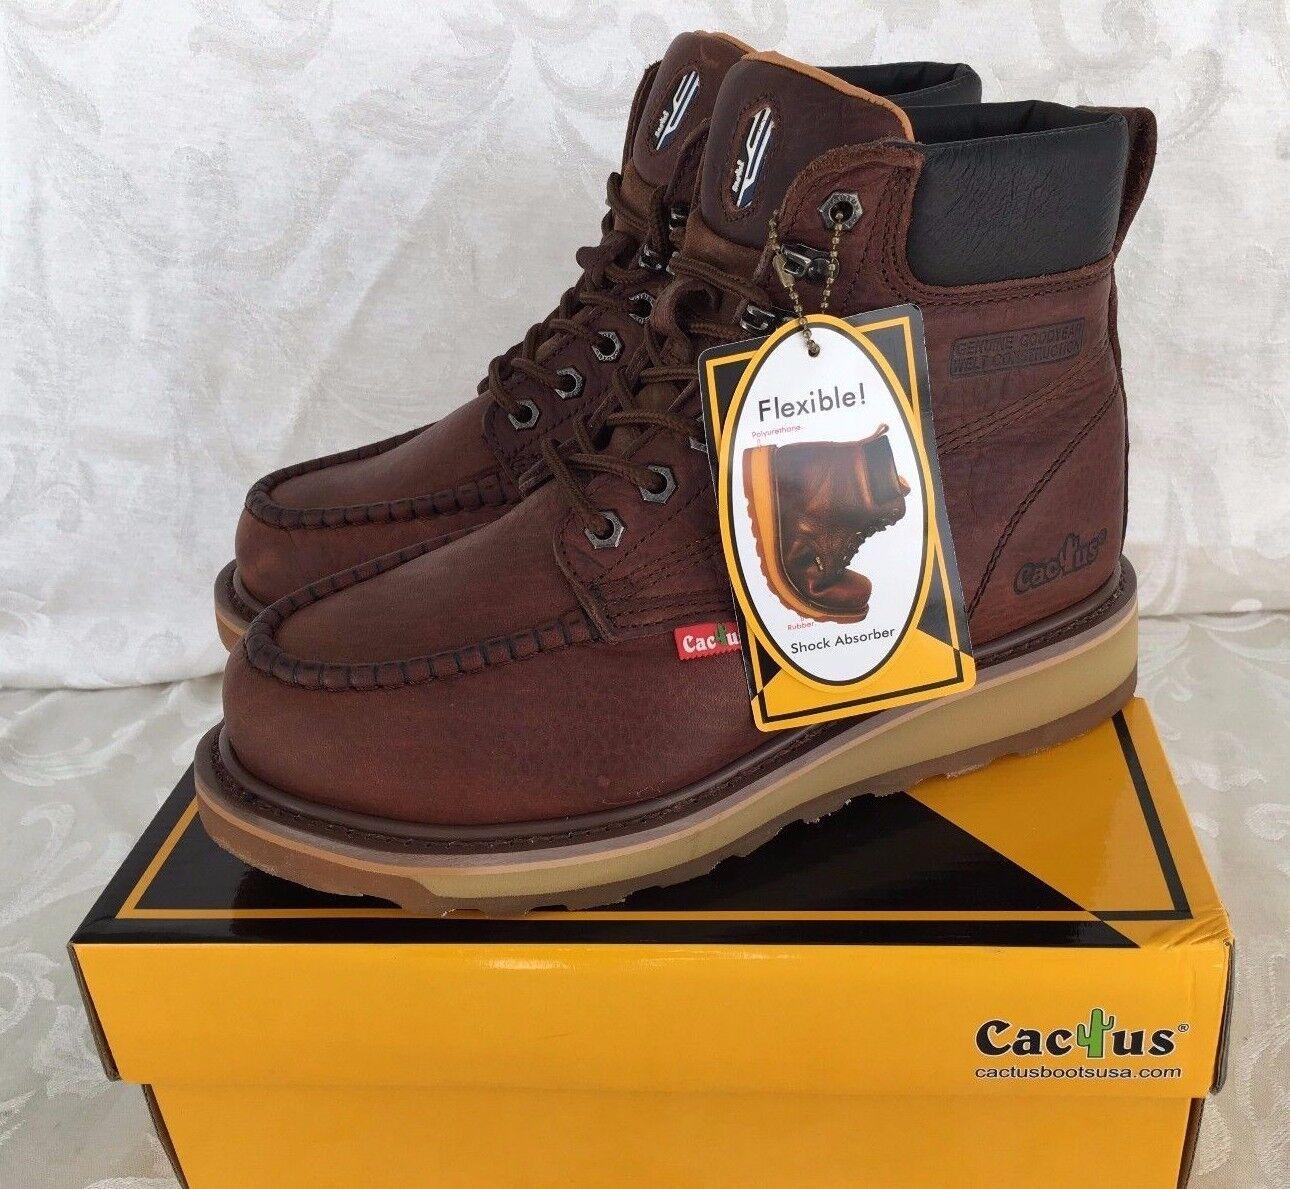 Cactus Hombres Cuero Marrón Oscuro 6  botas de trabajo resistente al aceite Amortiguador Flexible 627 M